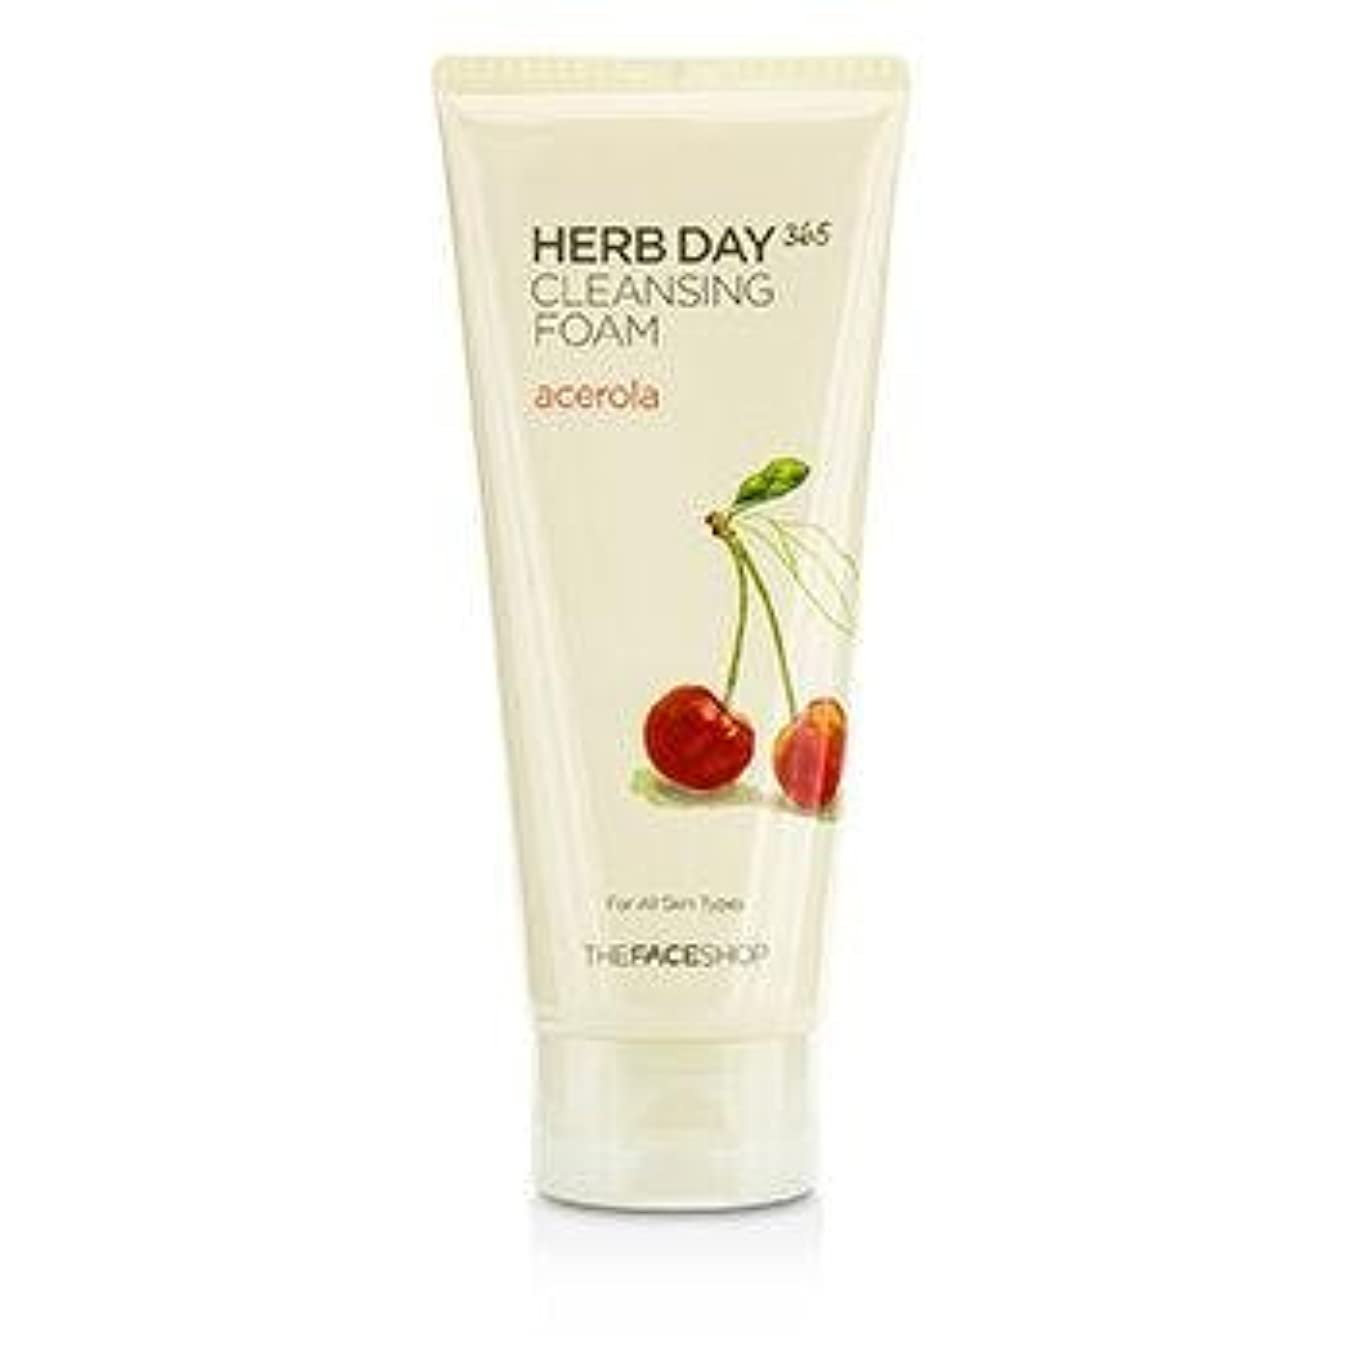 すずめ彼ら実装するTHE FACE SHOP Herb Day 365 Cleansing Foam Acerola (並行輸入品)